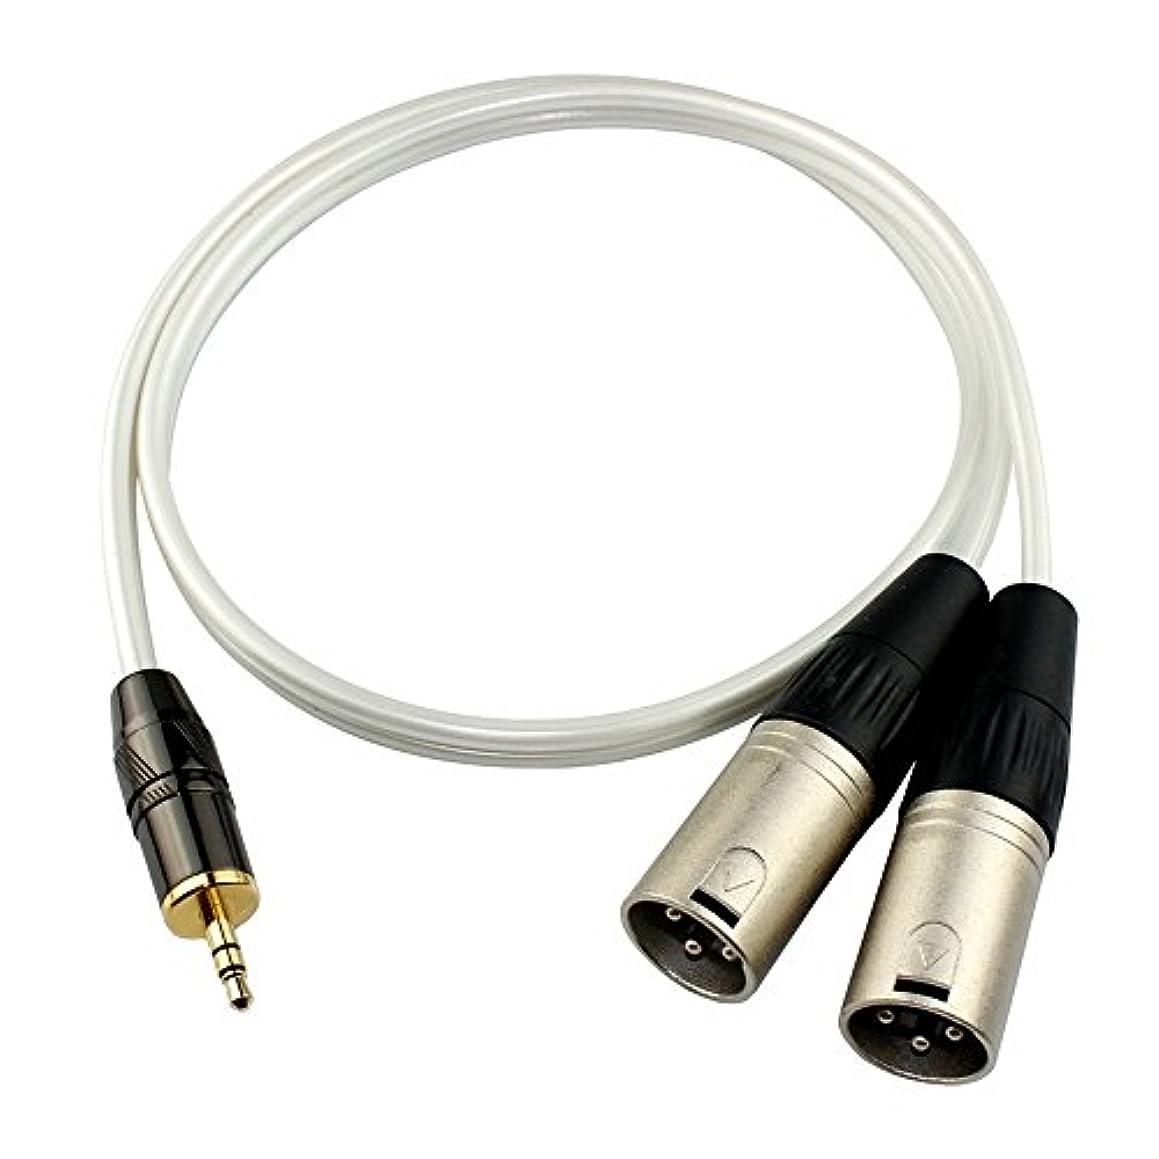 巻き取り魅力木製Gotor® XLRケーブル マイクケーブル 3.5mmステレオミニプラグ - XLR(オス) キャノン変換ケーブル オーディオケーブル 2XLR⇔3.5mm (0.5M)